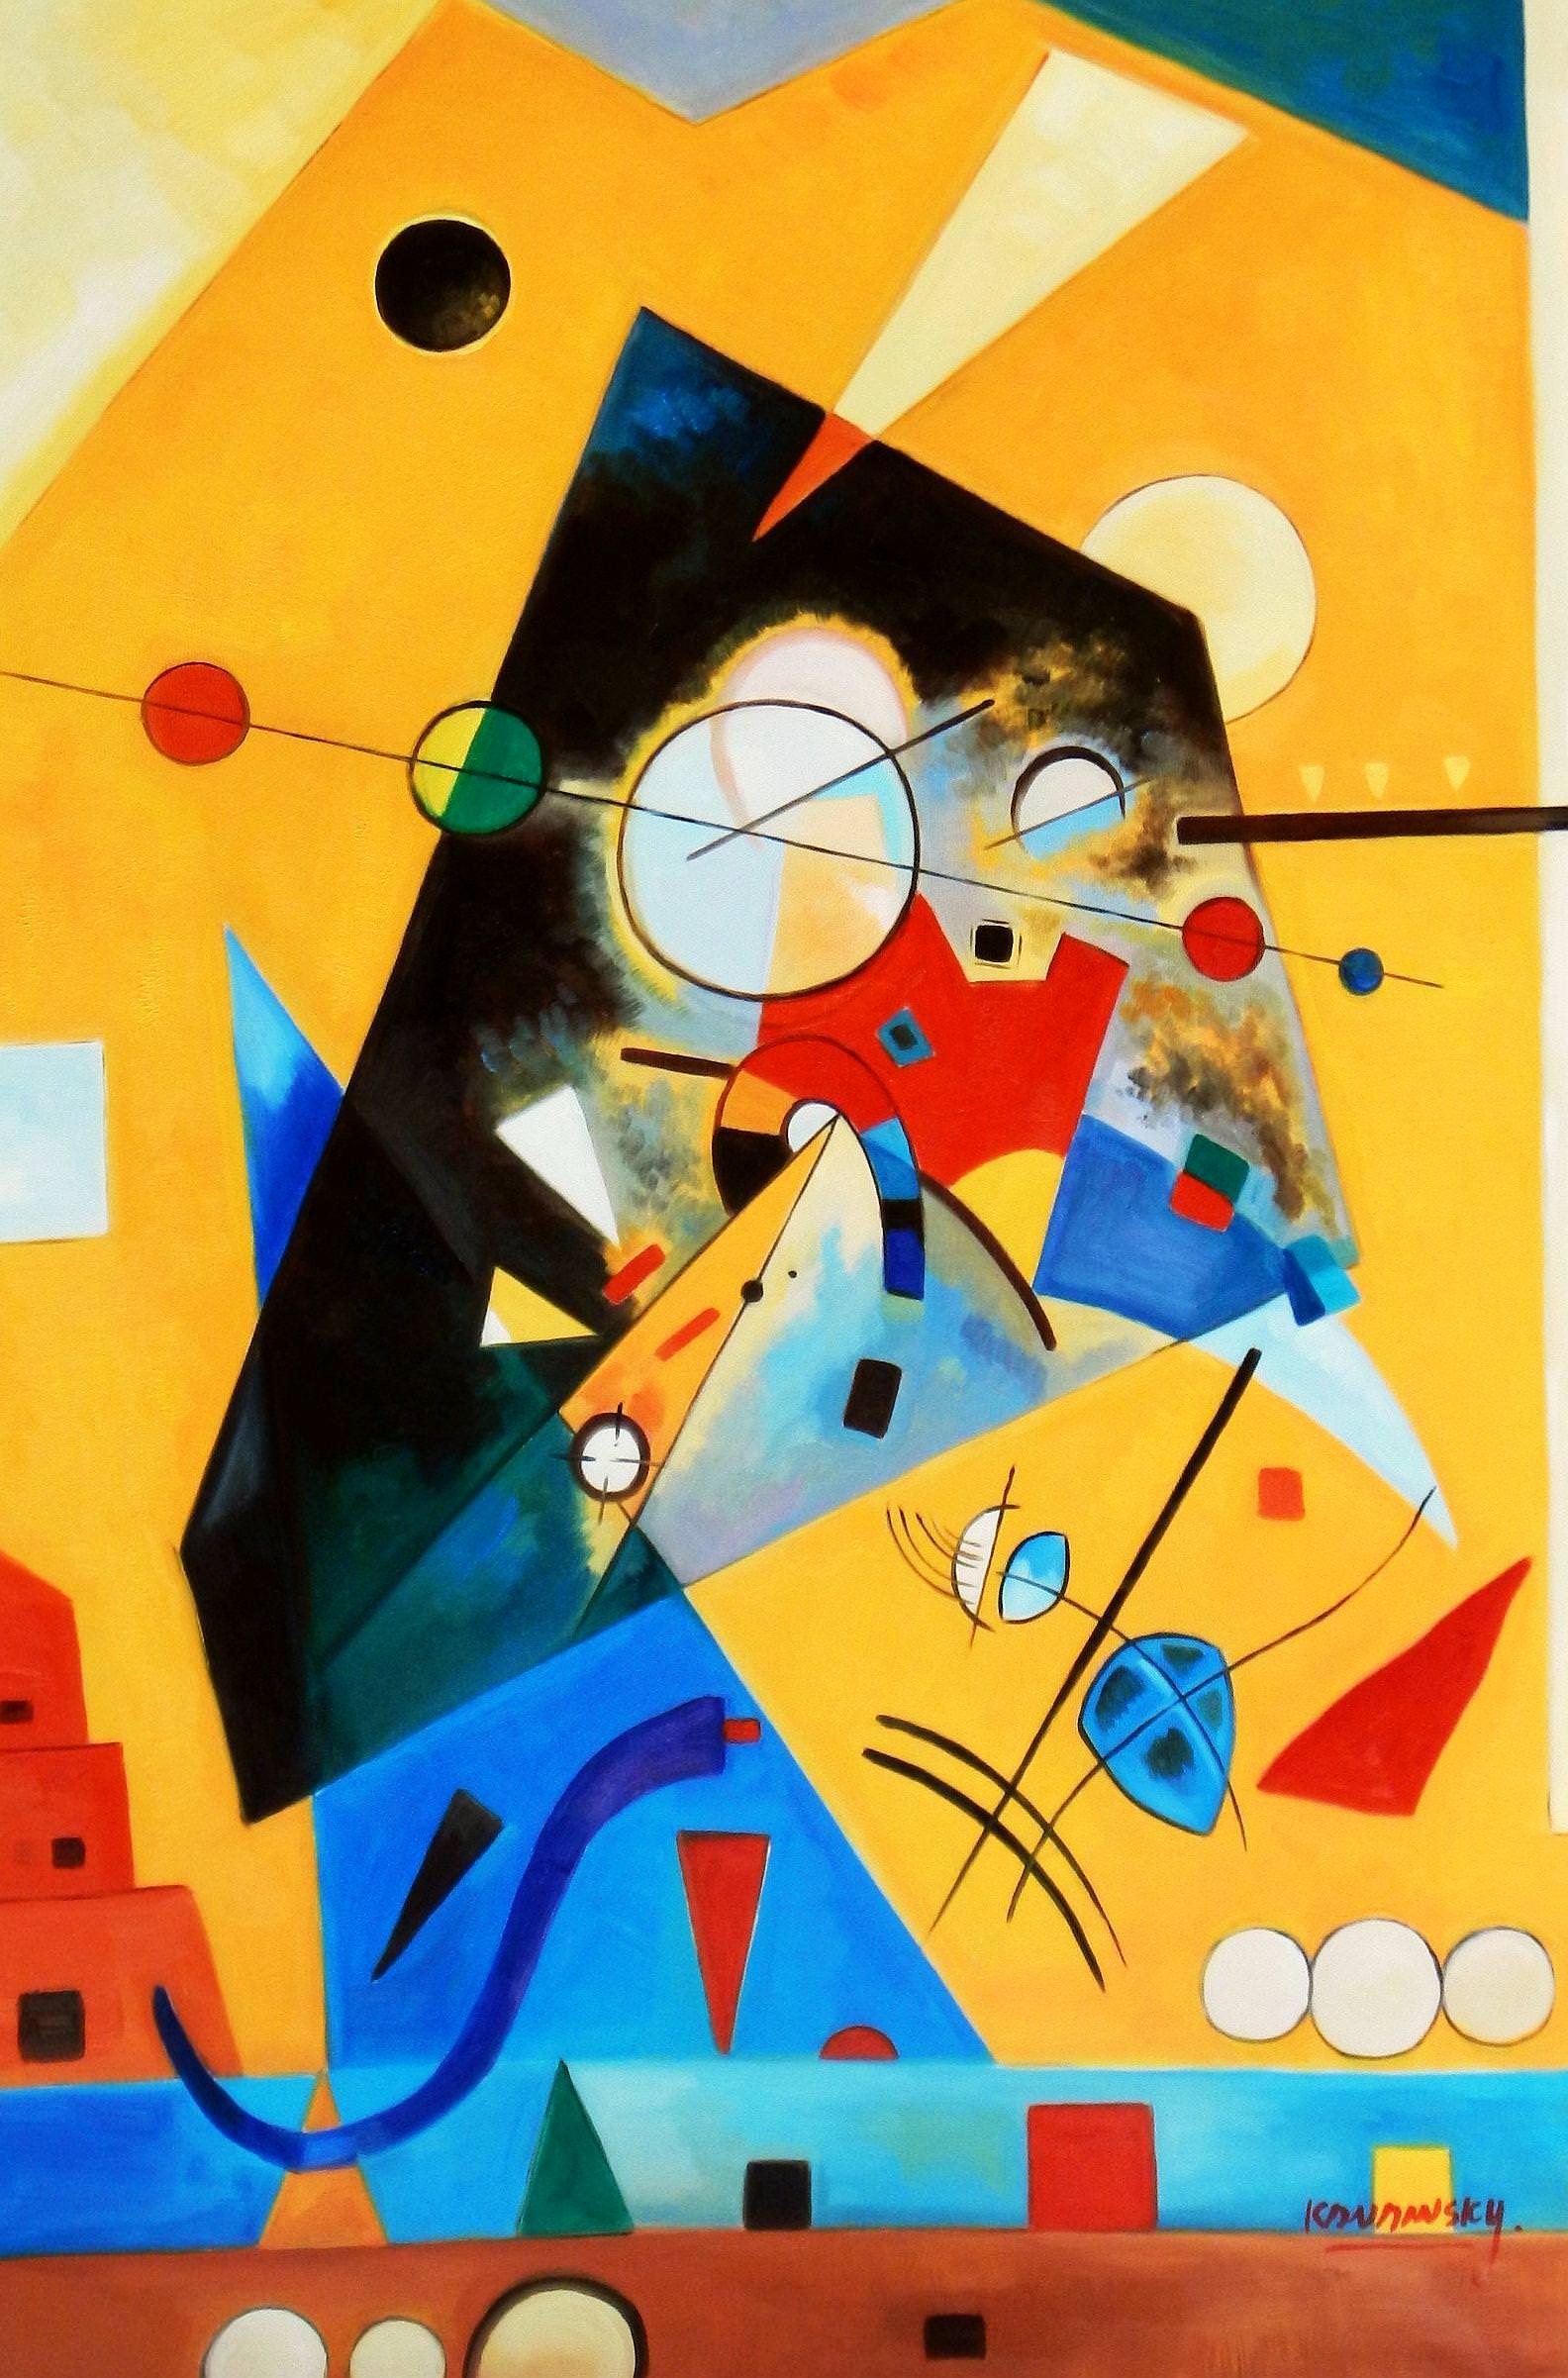 Wassily Kandinsky - Harmonie tranquille d93966 60x90cm Ölbild handgemalt